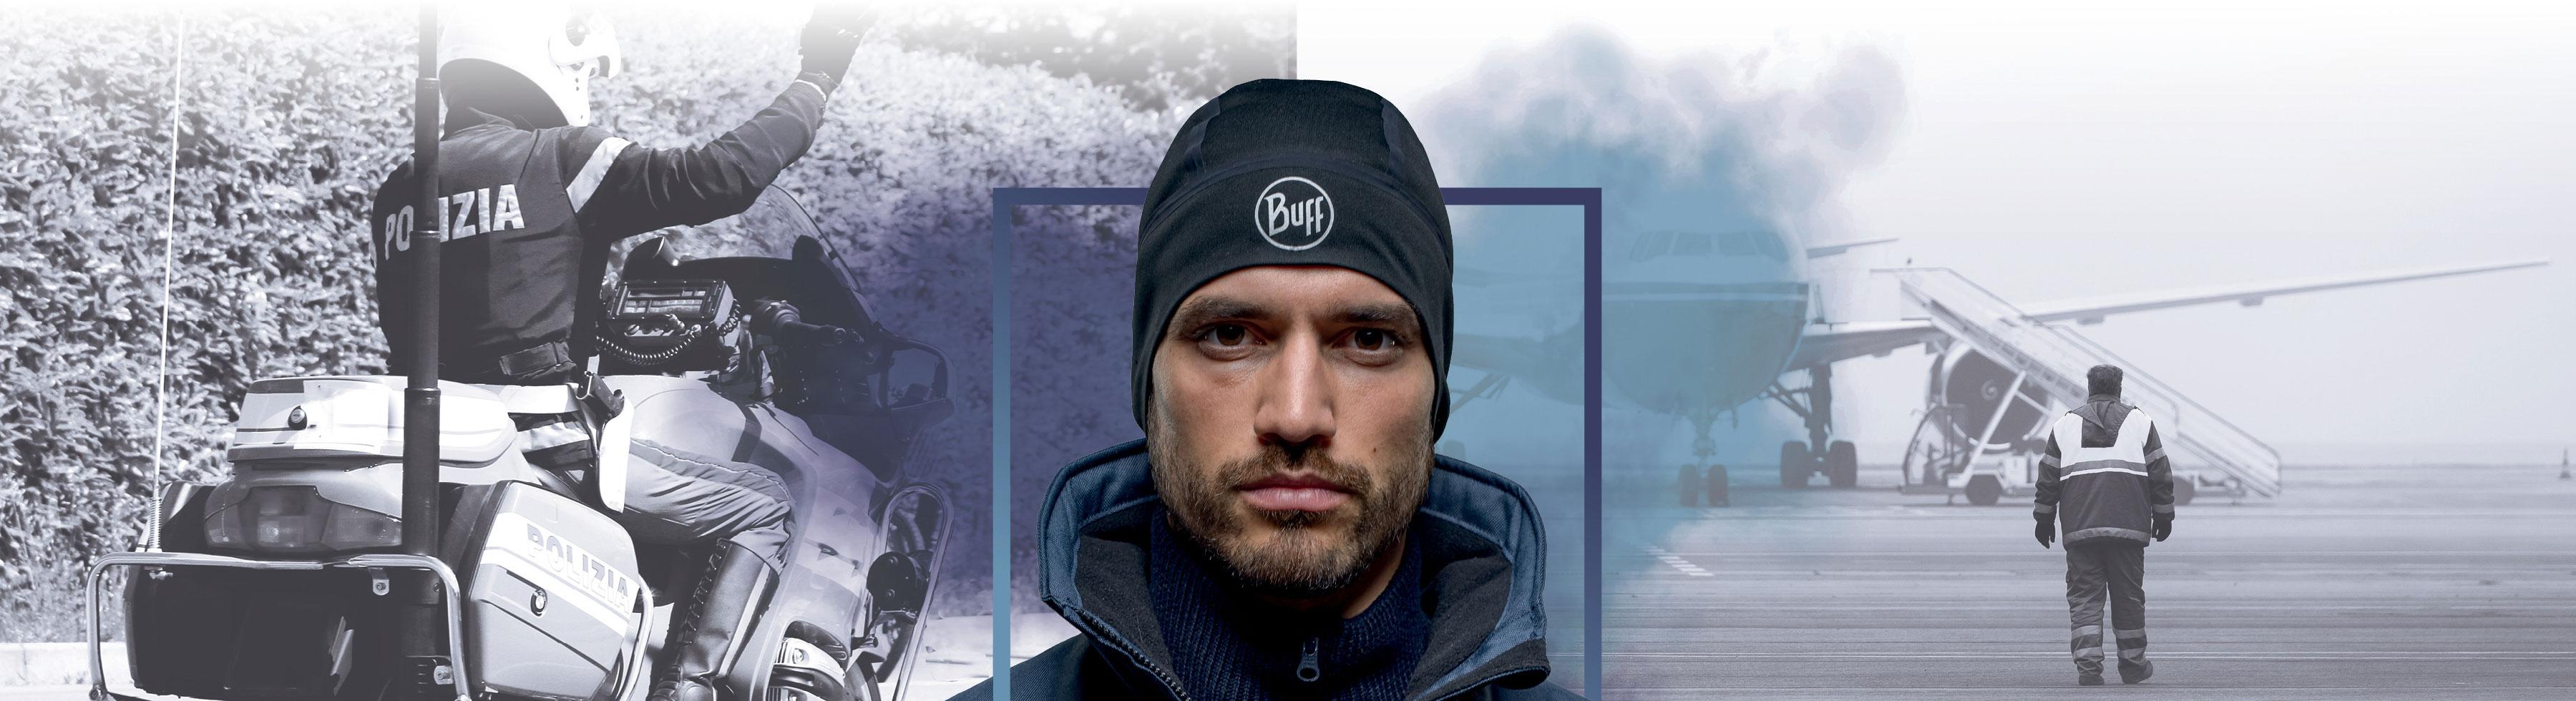 BUFF - Windproof Hat - Hovedbeklædning - kasket - hat til industri og professionelle